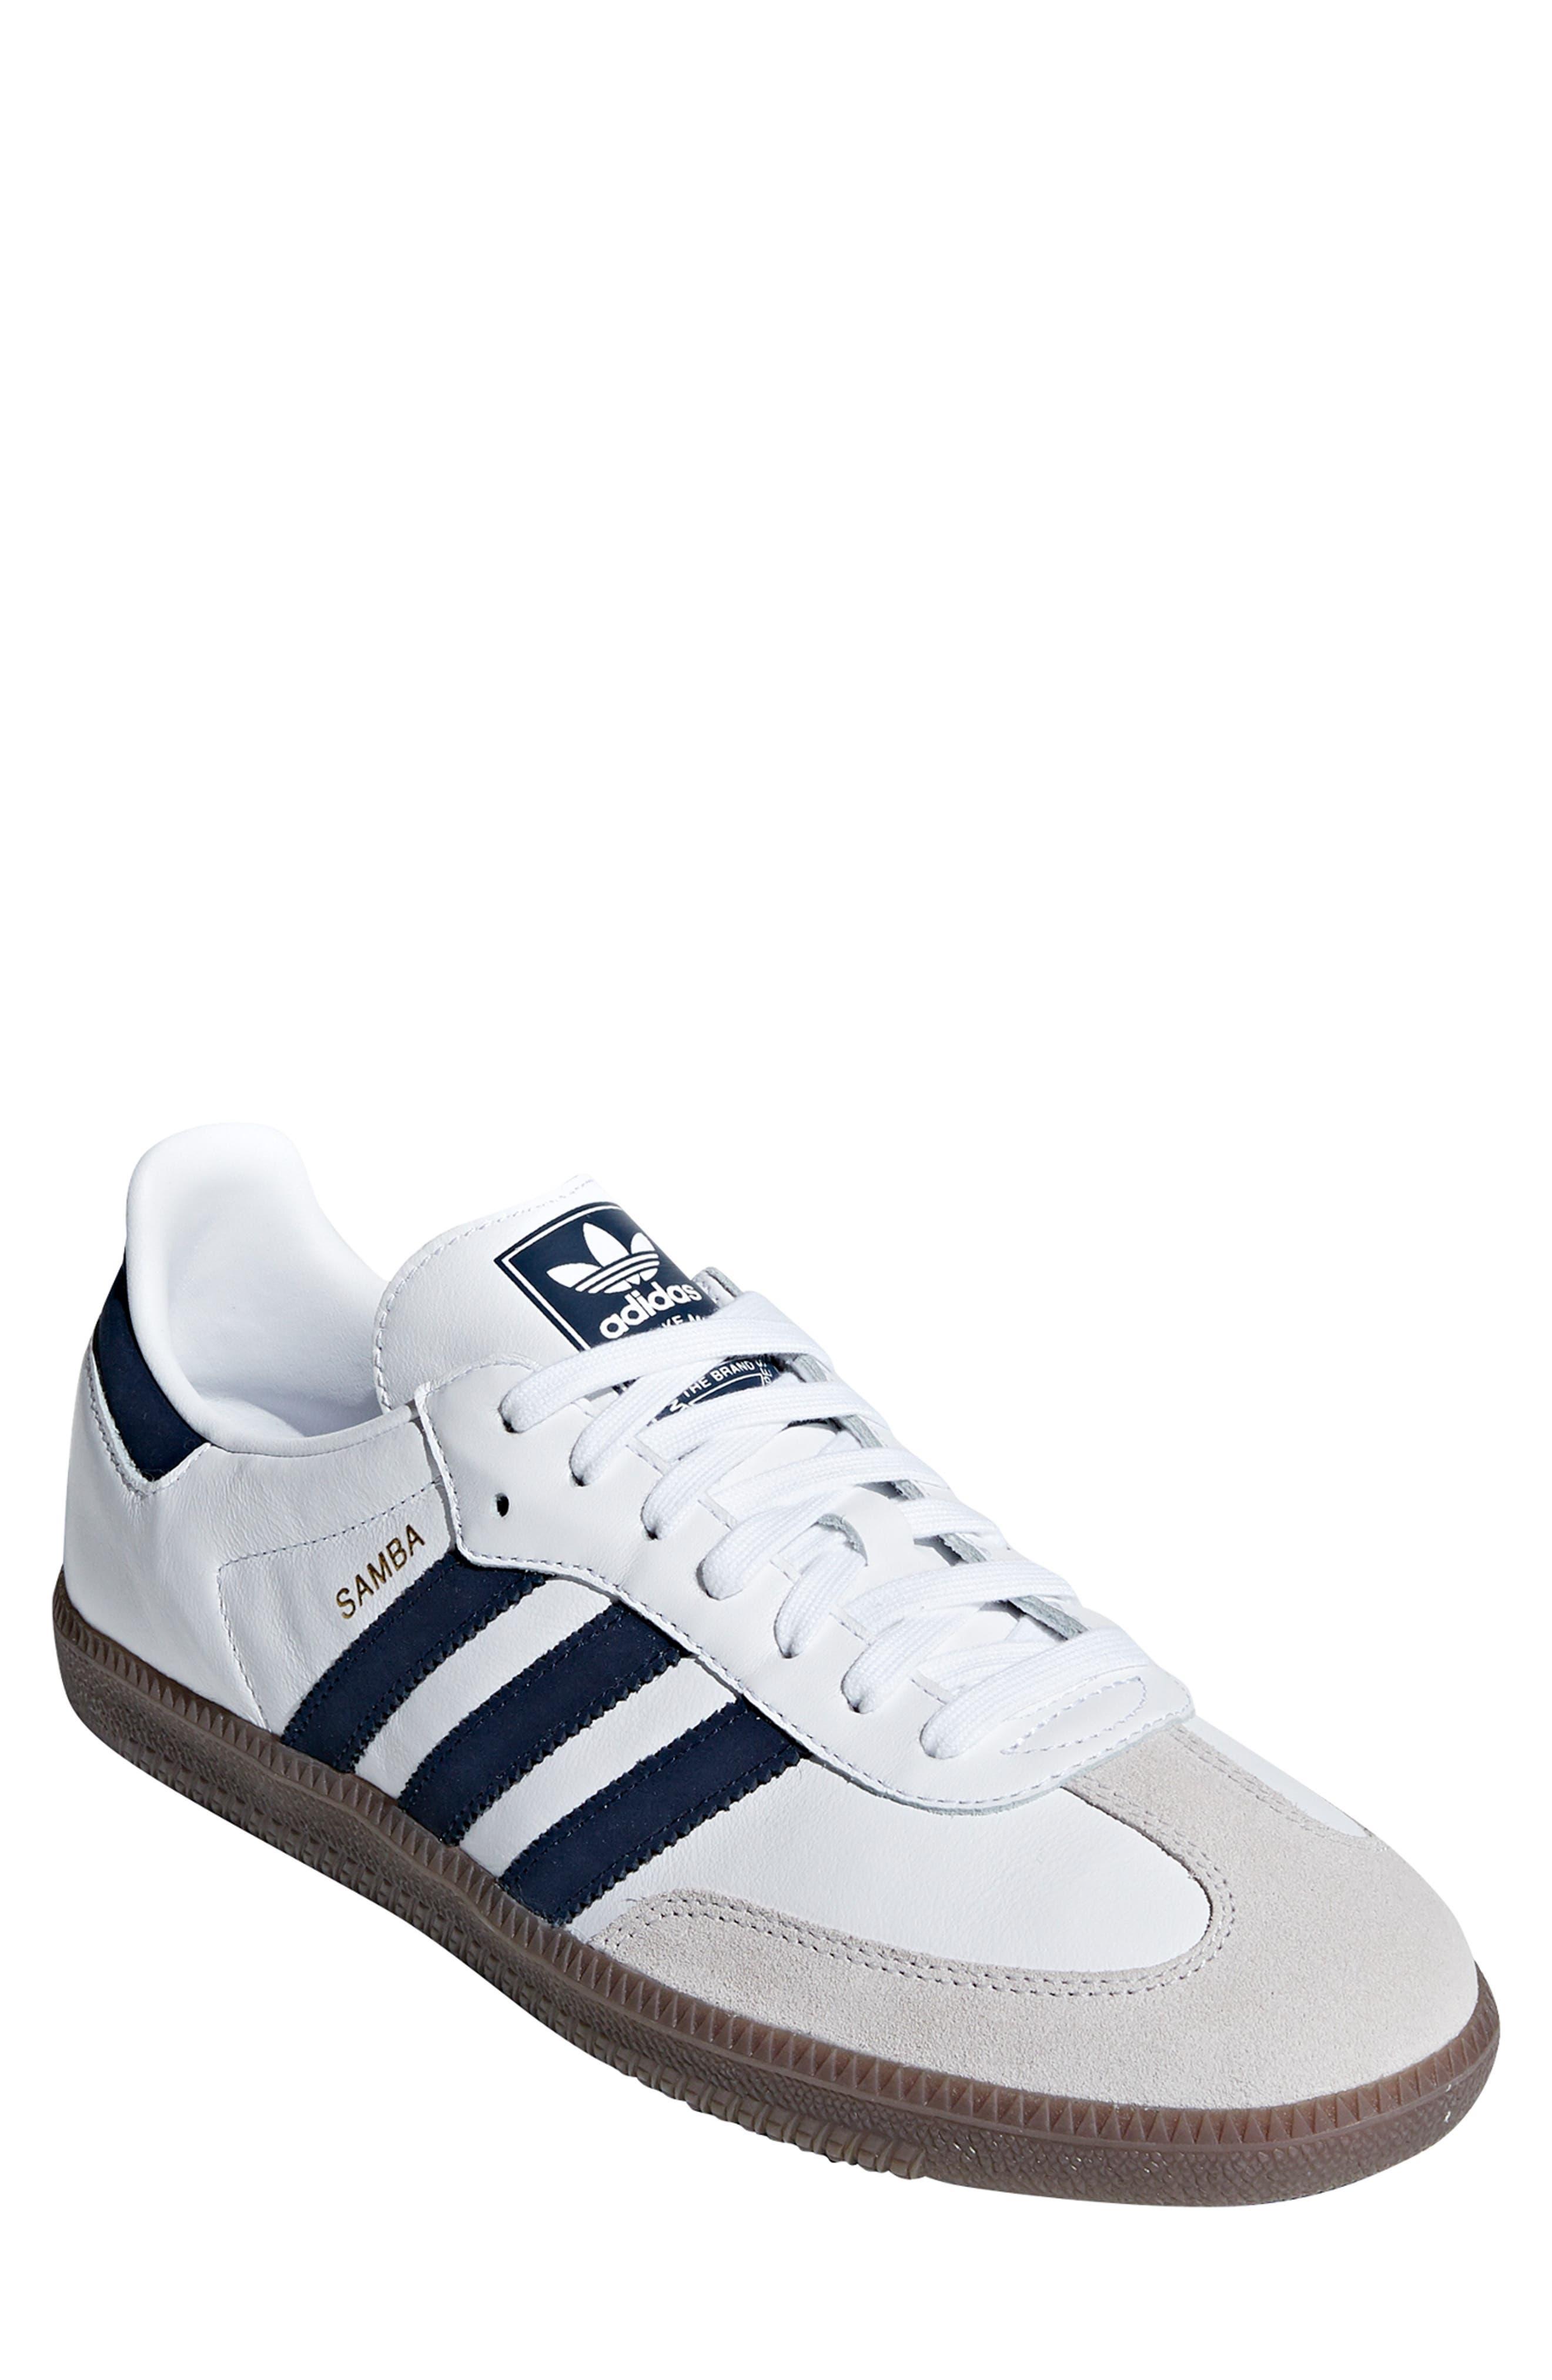 Samba OG Sneaker,                             Main thumbnail 1, color,                             WHITE/ NAVY / CRYSTAL WHITE